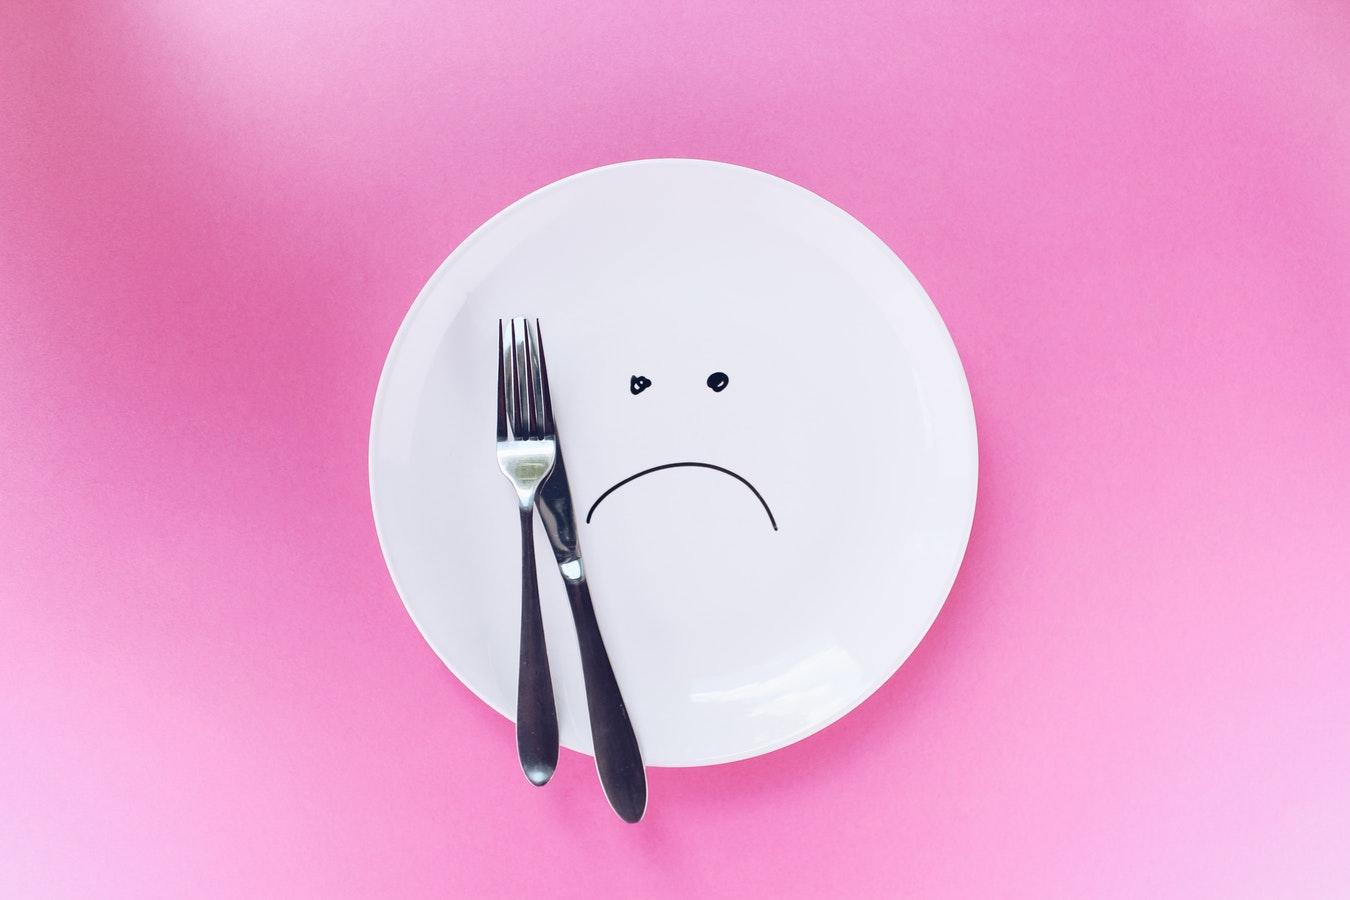 粉紅色背景中,有一個白色的盤子,上面畫了一個哭臉。